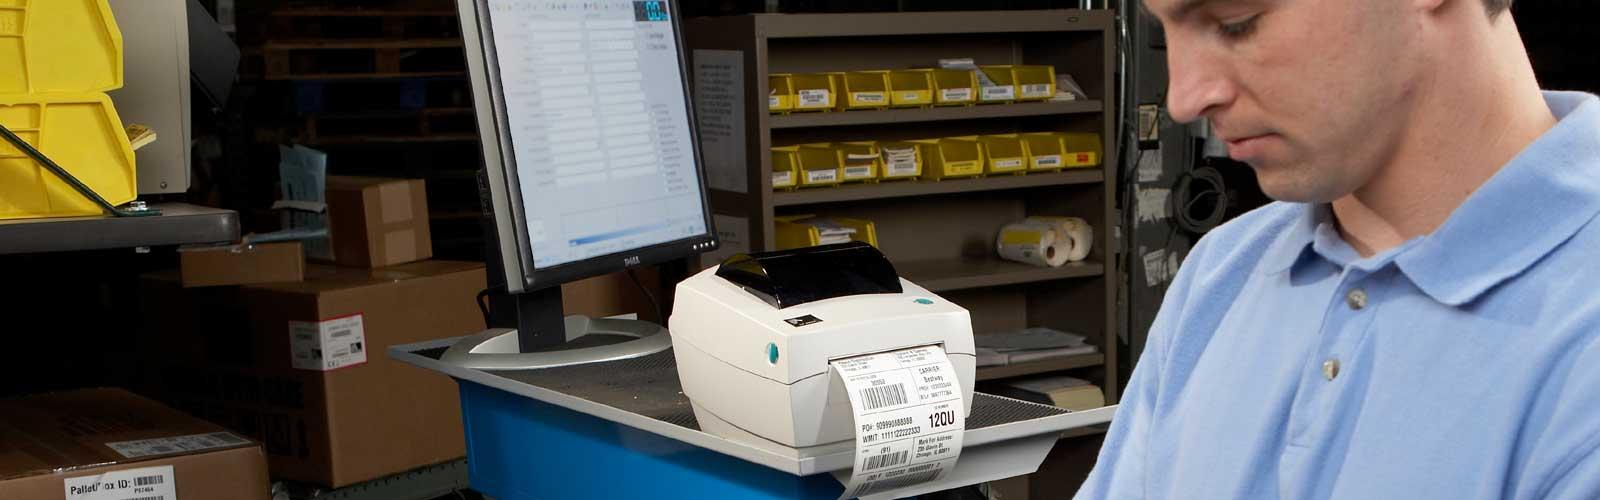 Servicio Técnico Impresoras Zebra